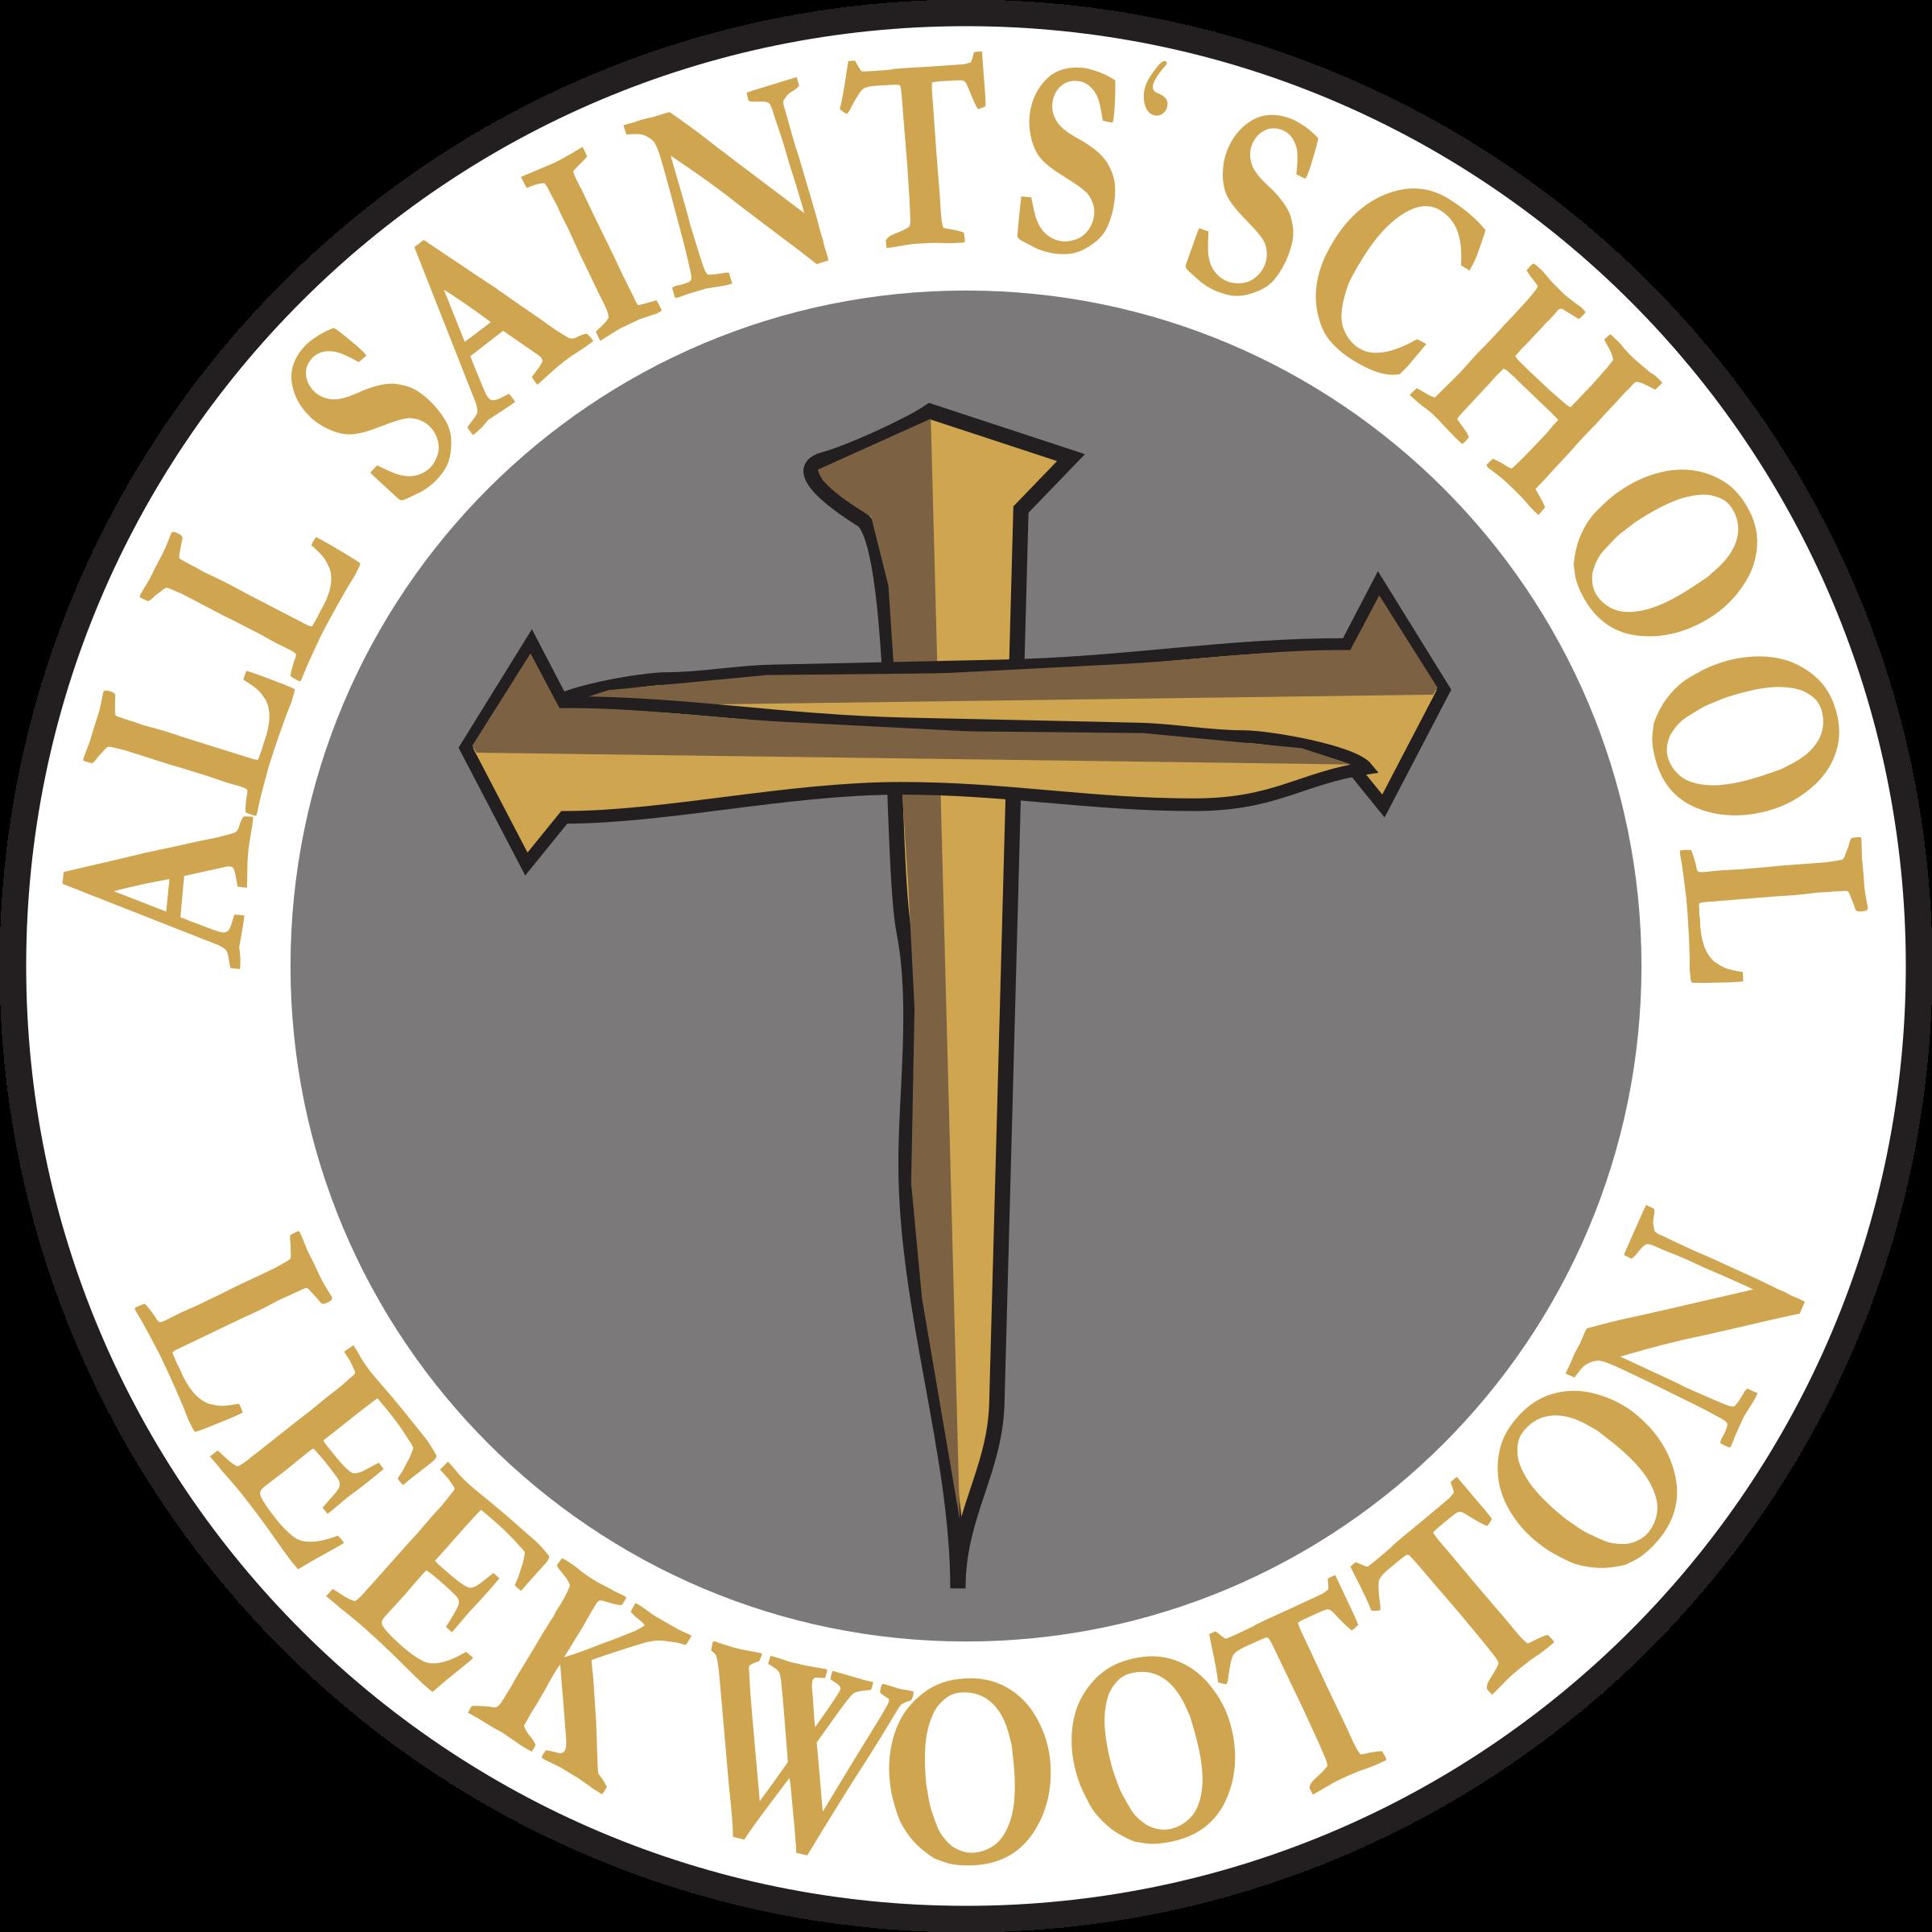 All Saints School Logo PNG Transparent & SVG Vector ...